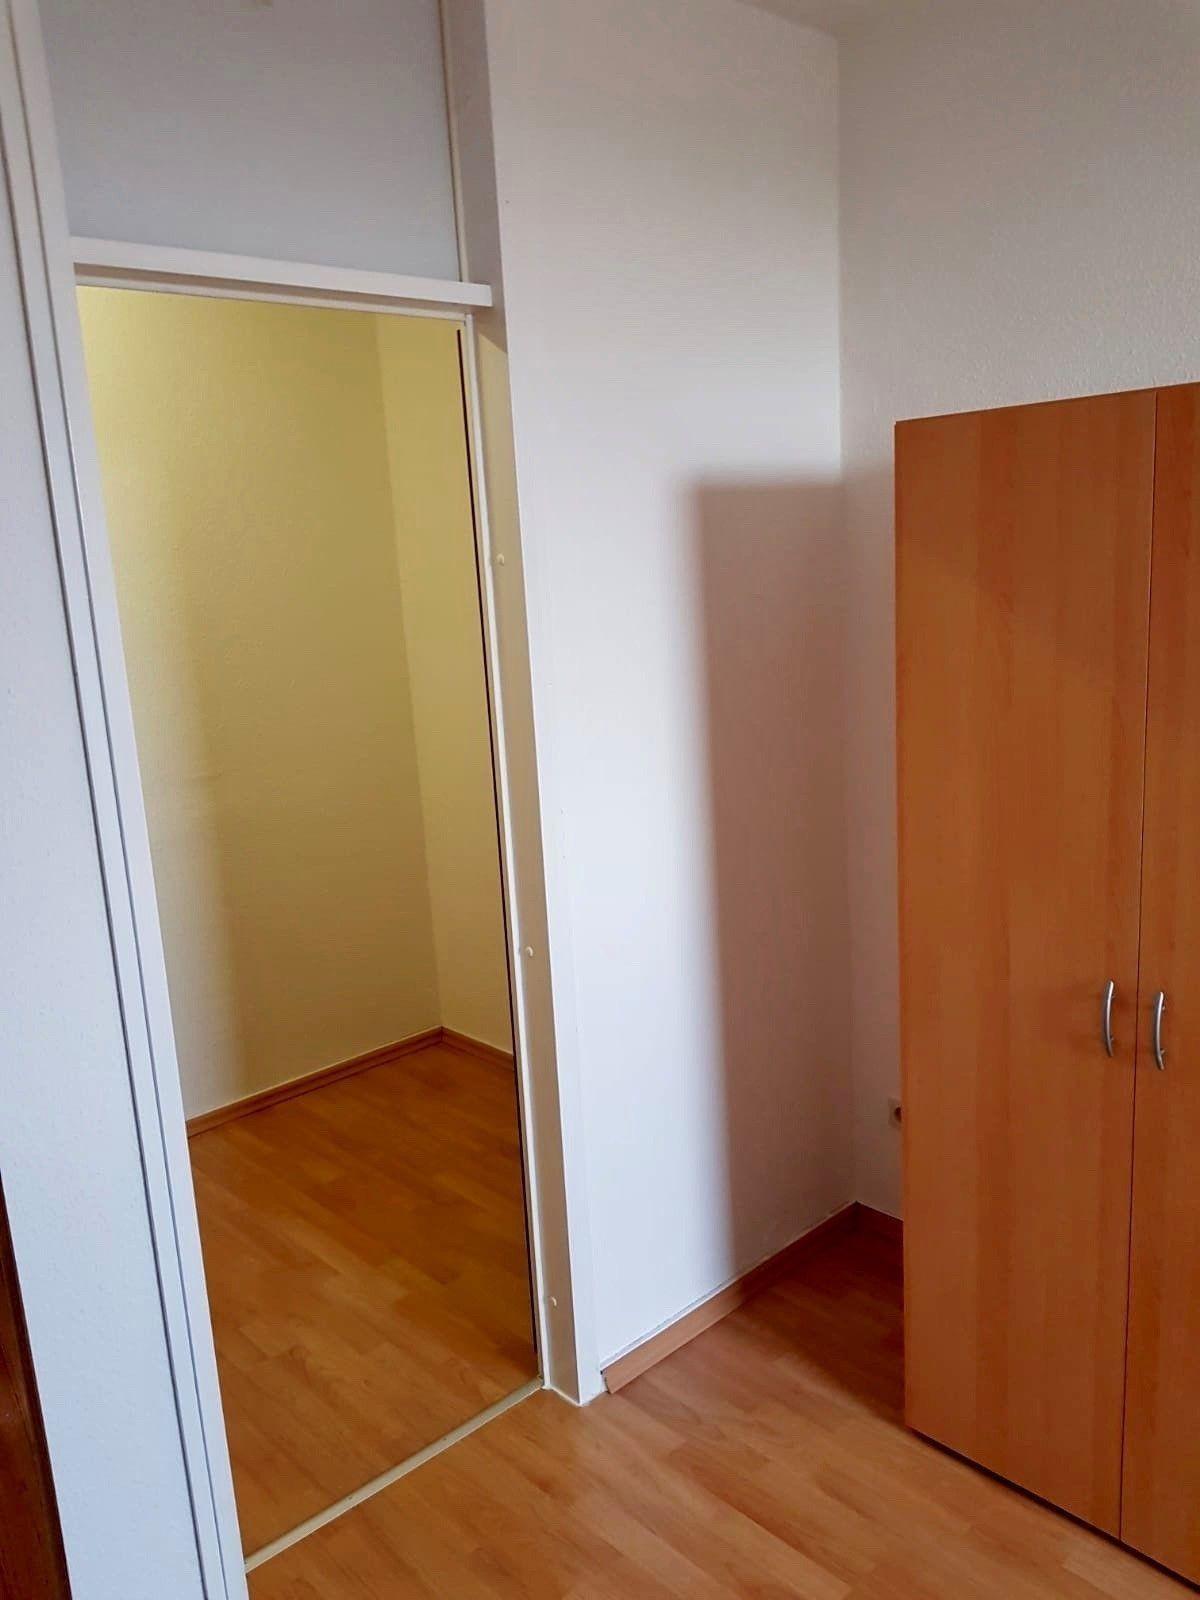 Holiday apartment Schöne Aussichten 1 (2729338), Hamburg, Wandsbek, Hamburg, Germany, picture 11